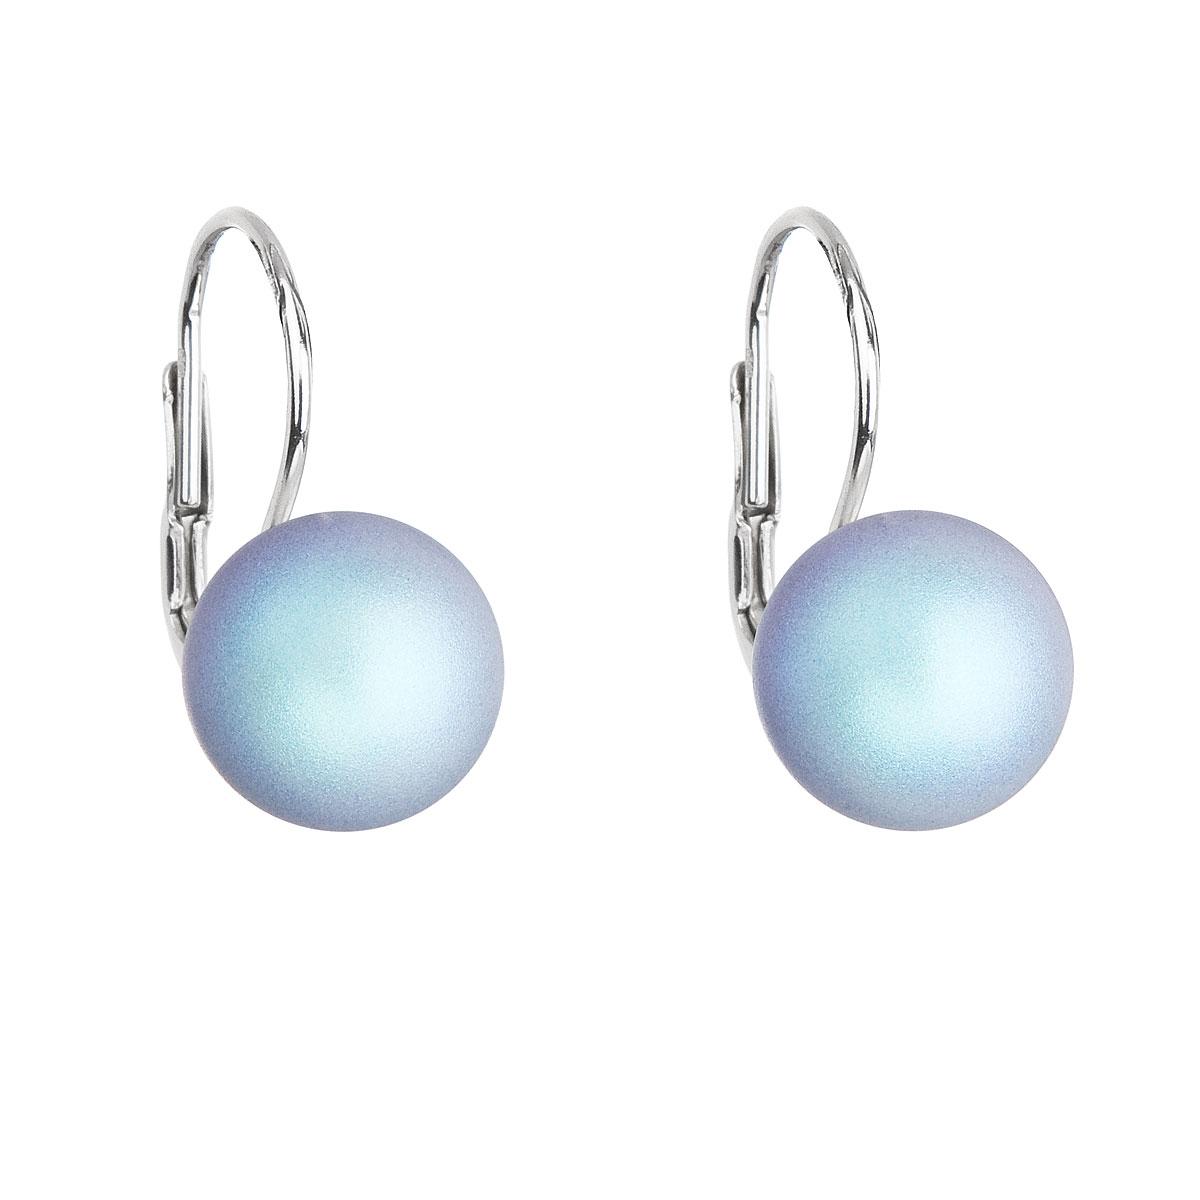 Evolution Group Stříbrné náušnice visací se světlemodrou matnou perlou 31143.3